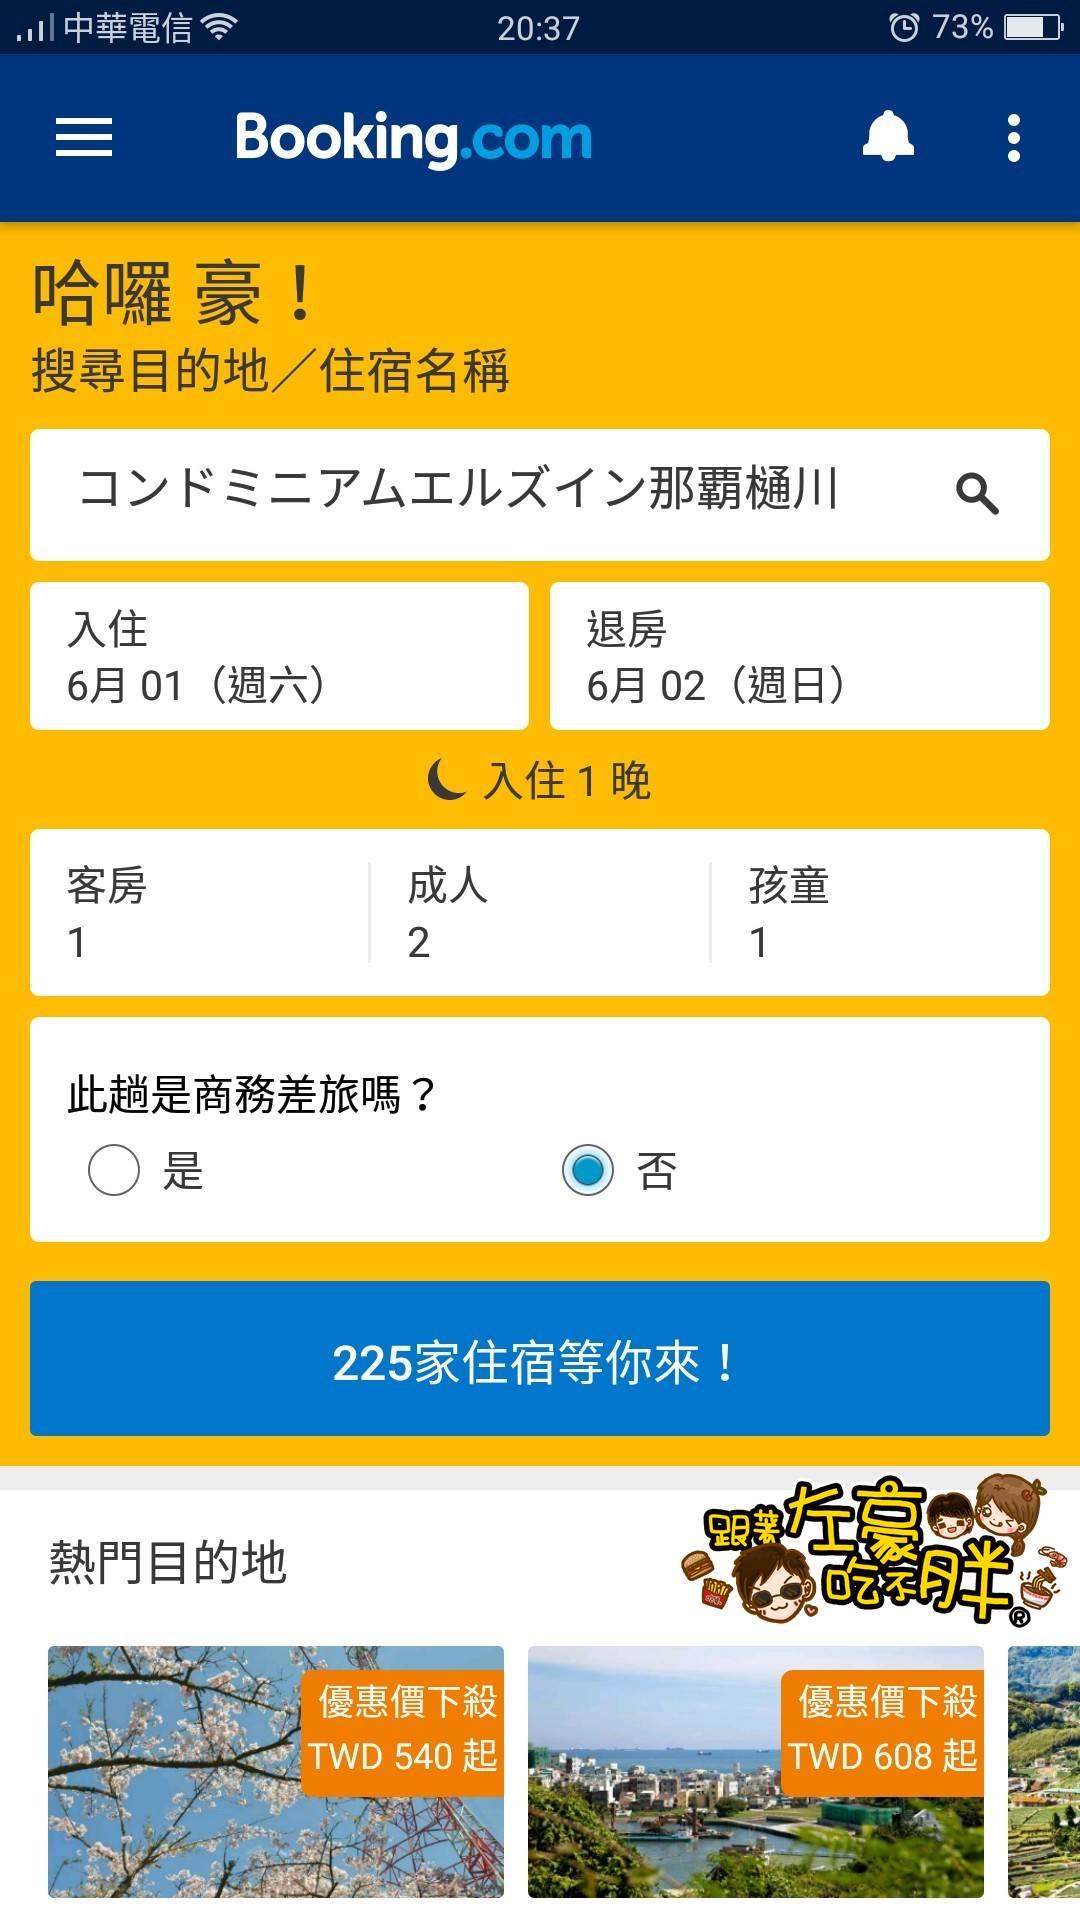 booking.com_190507_0012